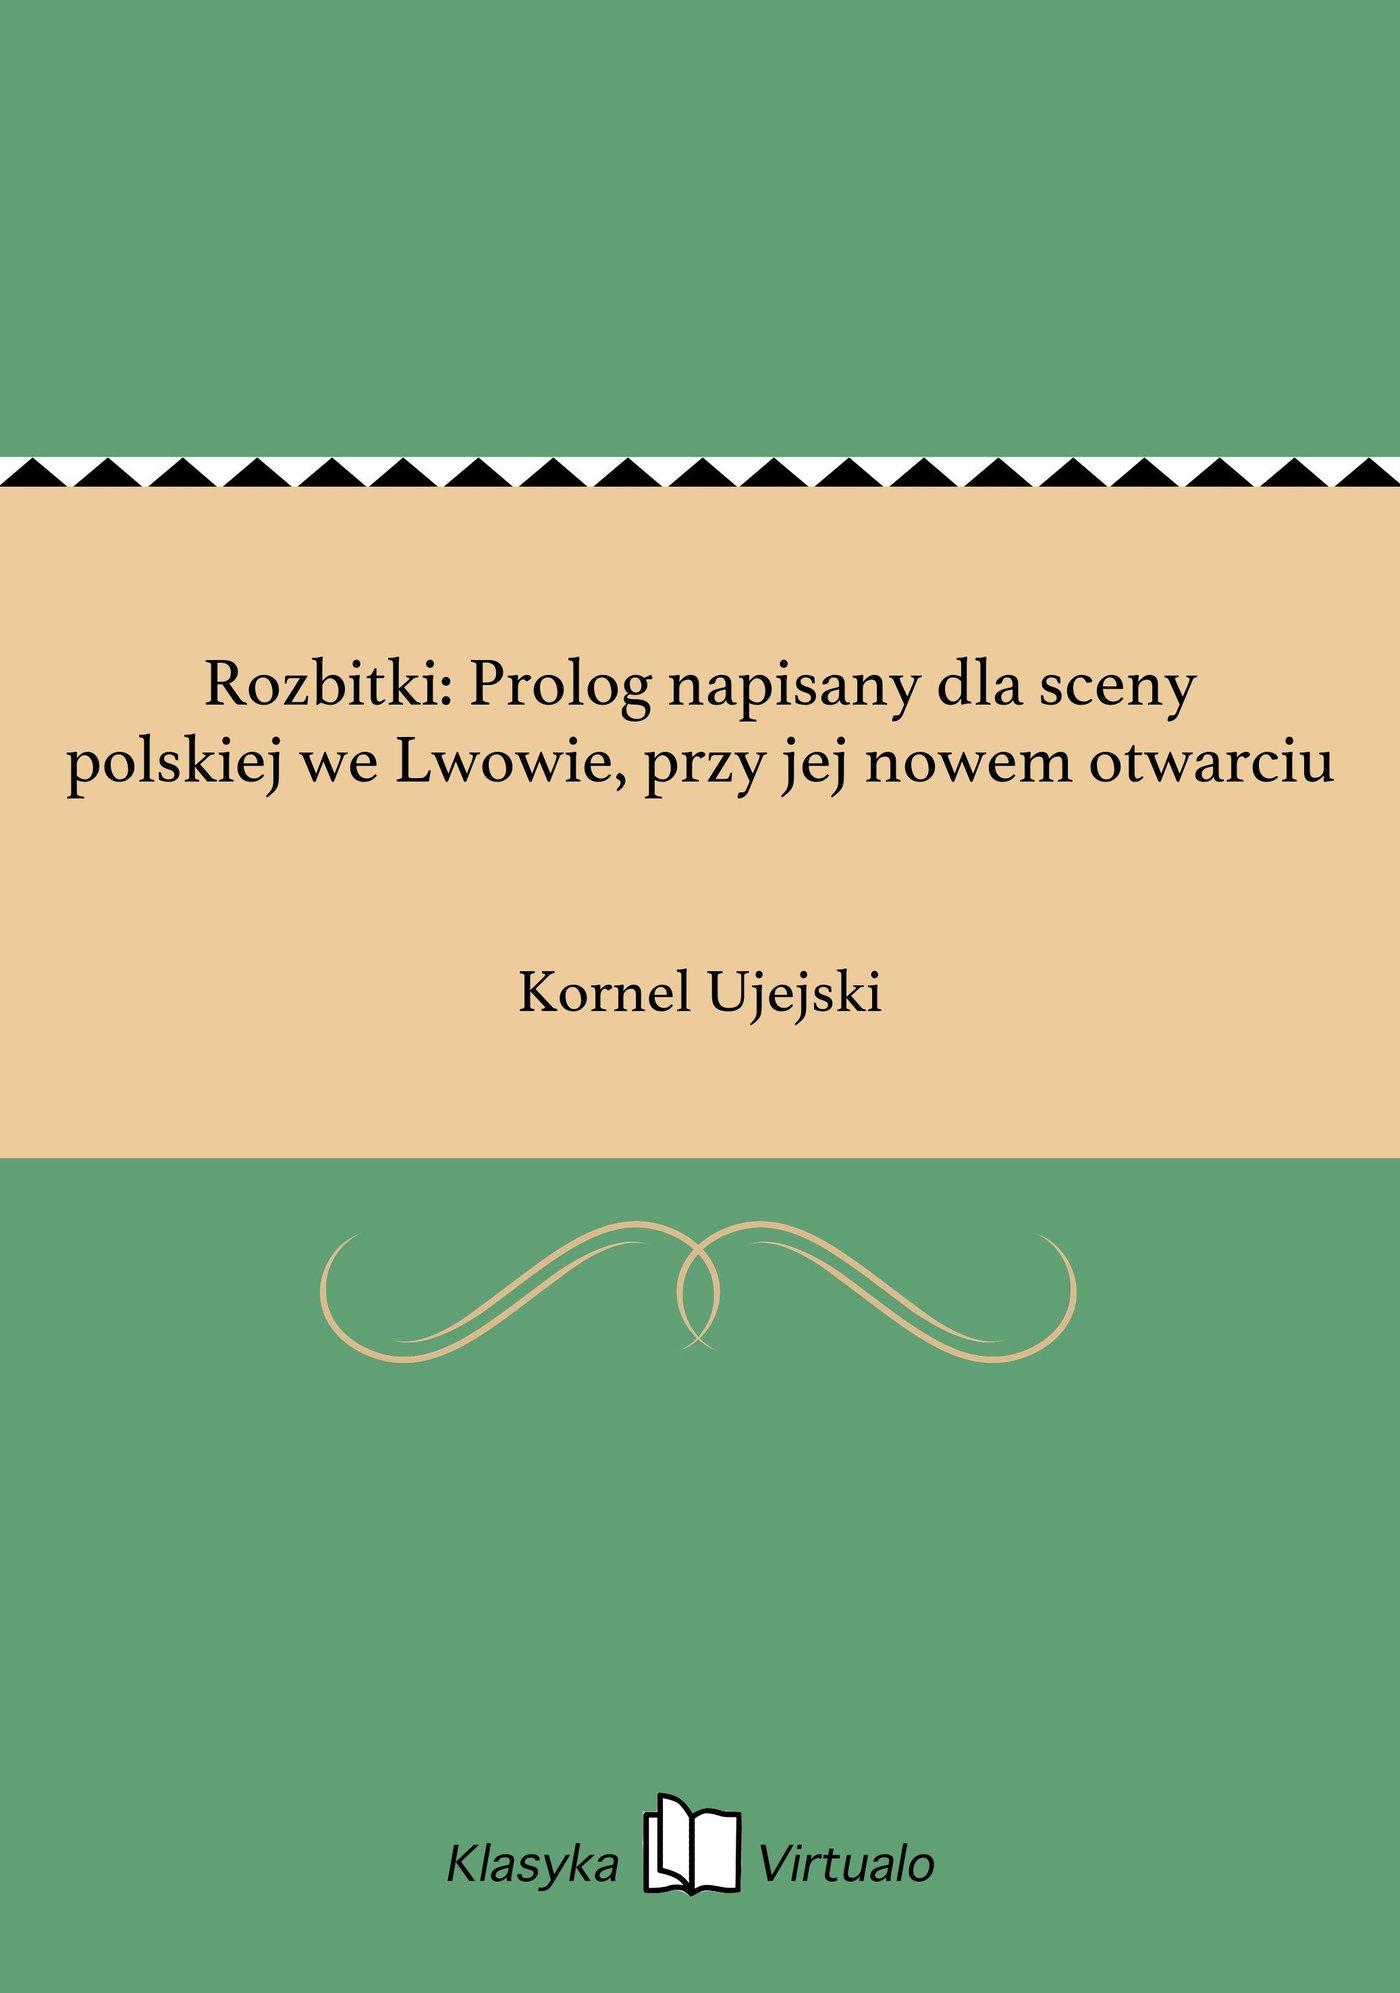 Rozbitki: Prolog napisany dla sceny polskiej we Lwowie, przy jej nowem otwarciu - Ebook (Książka EPUB) do pobrania w formacie EPUB